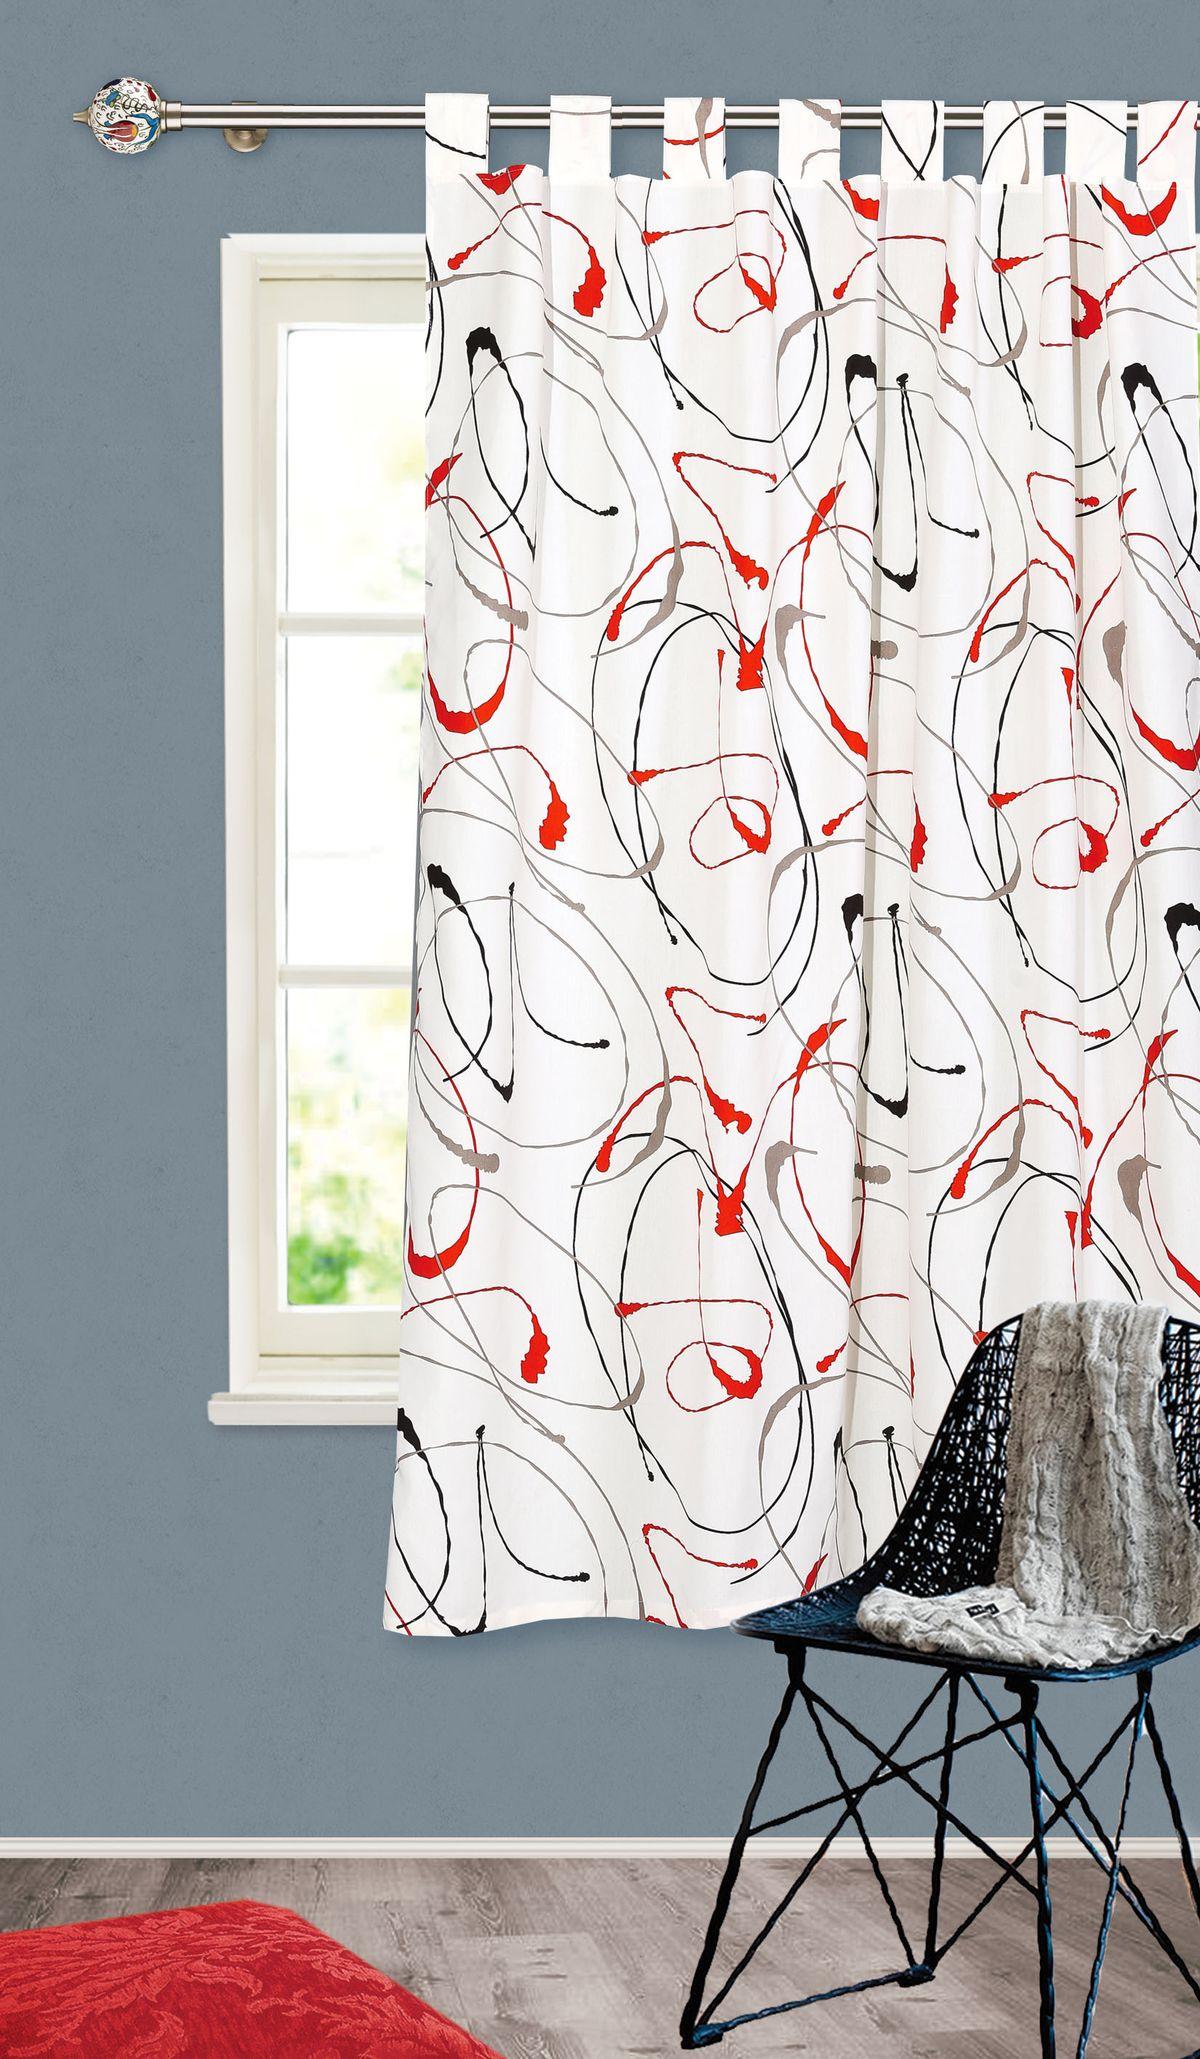 Штора готовая Garden, на петлях, цвет: белый, высота 180 см. С 4342 - W1687 140х180 V31С 4342 - W1687 140х180 V31Штора для кухни Garden выполнена из плотной ткани - репс с рисунком. Приятная текстура материала и яркая цветовая гамма привлекут к себе внимание и станут великолепным украшением кухонного окна. Штора крепится на карниз при помощи петель, которая поможет красиво и равномерно задрапировать верх.